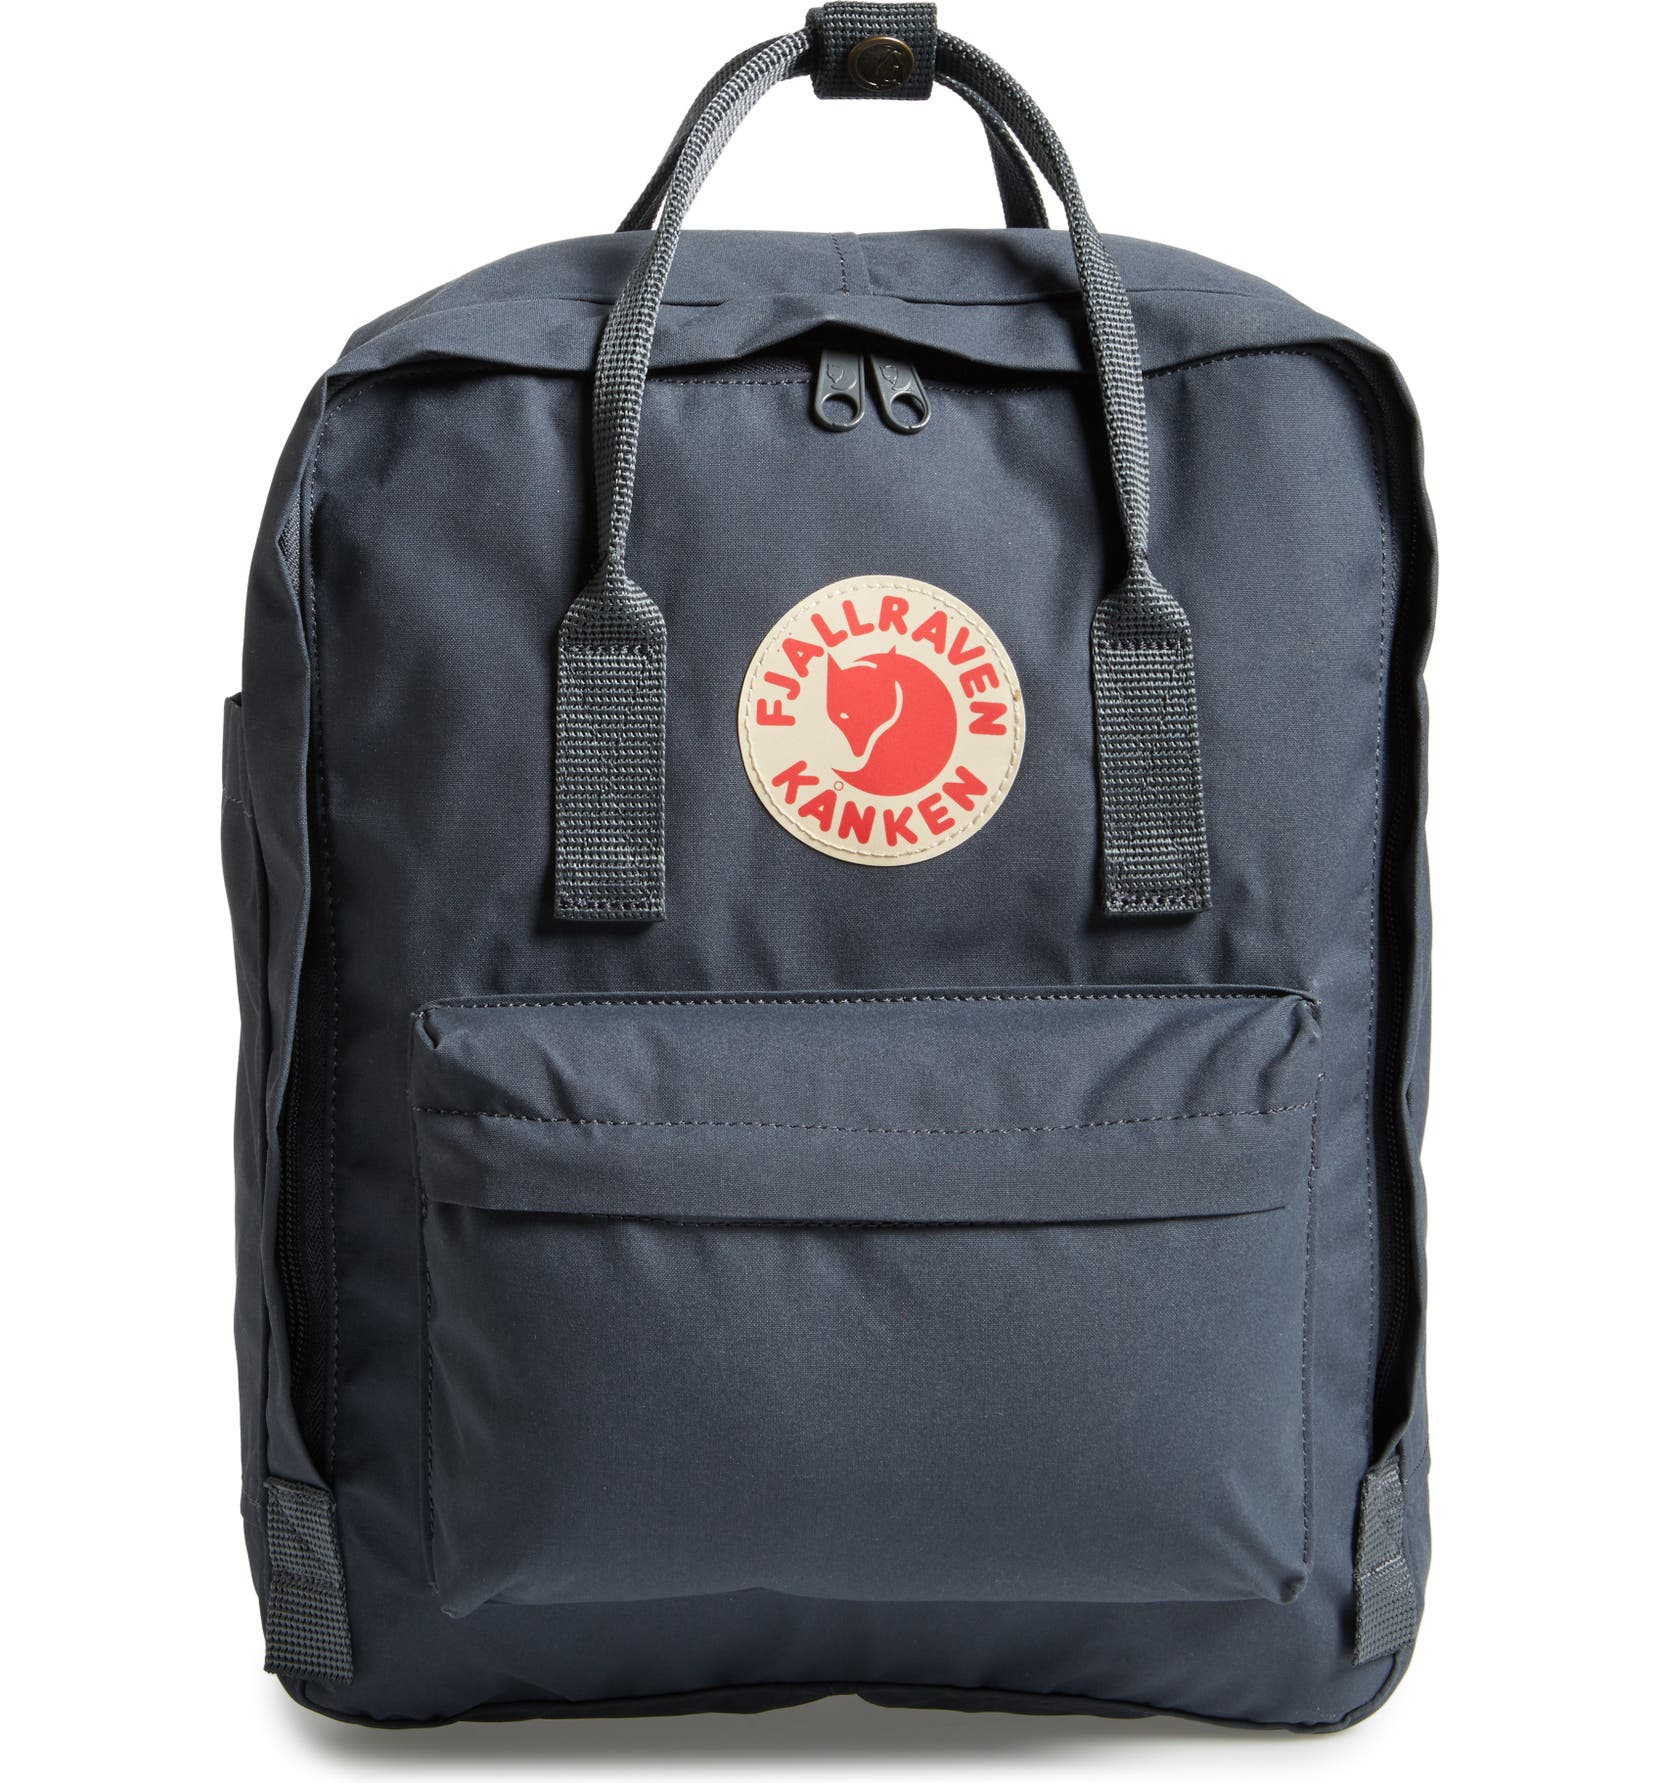 01fe585df968 Fjällräven Kånken Water Resistant Backpack